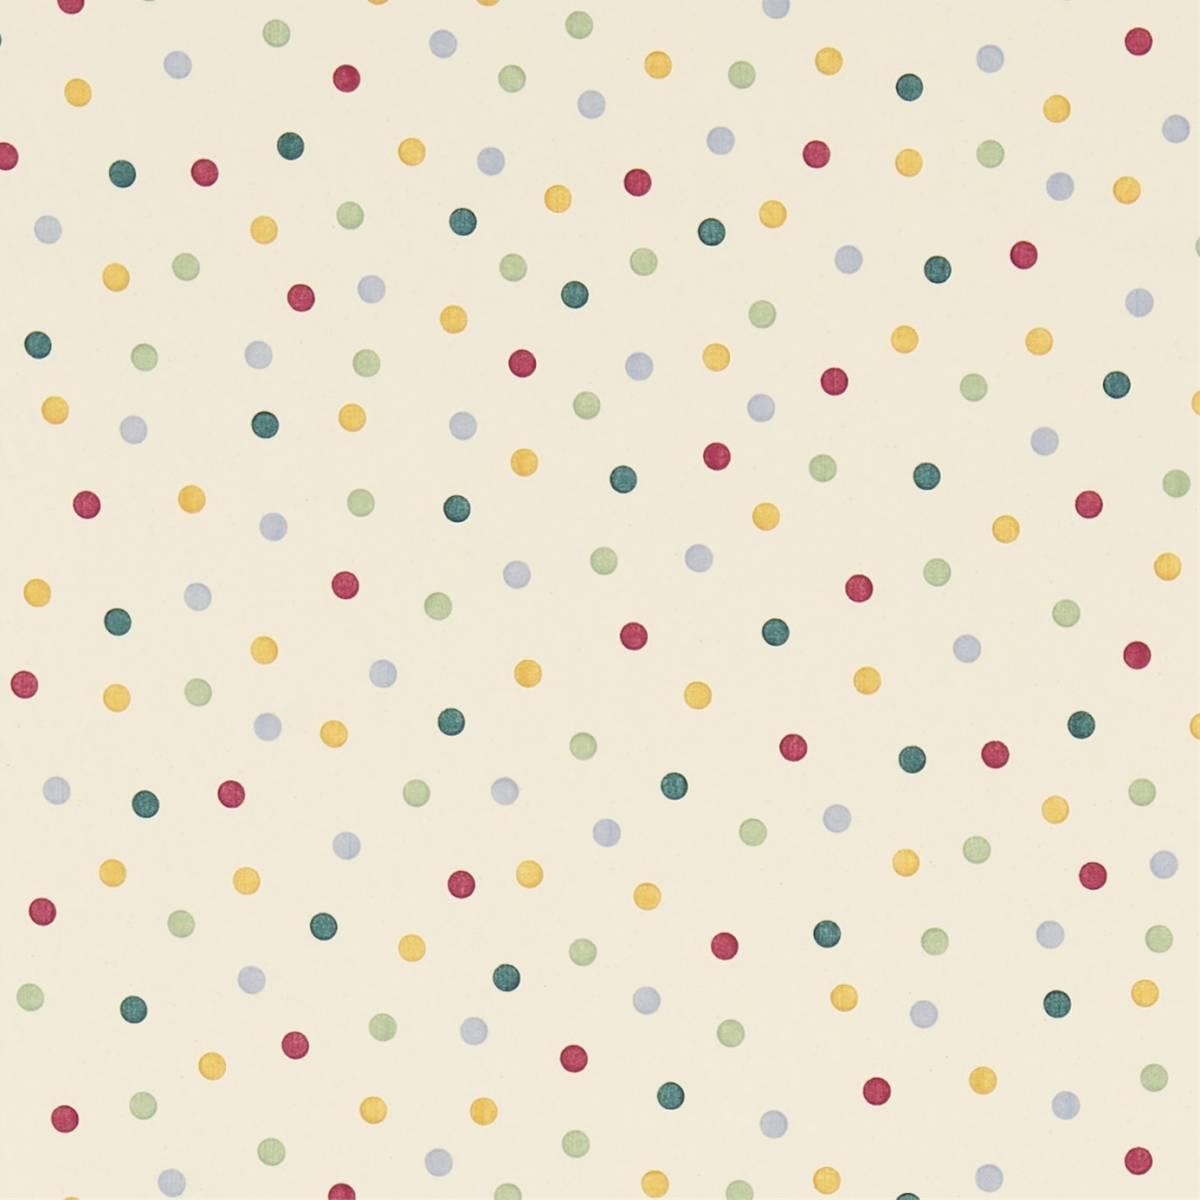 Ralph Lauren Home Decor Fabric